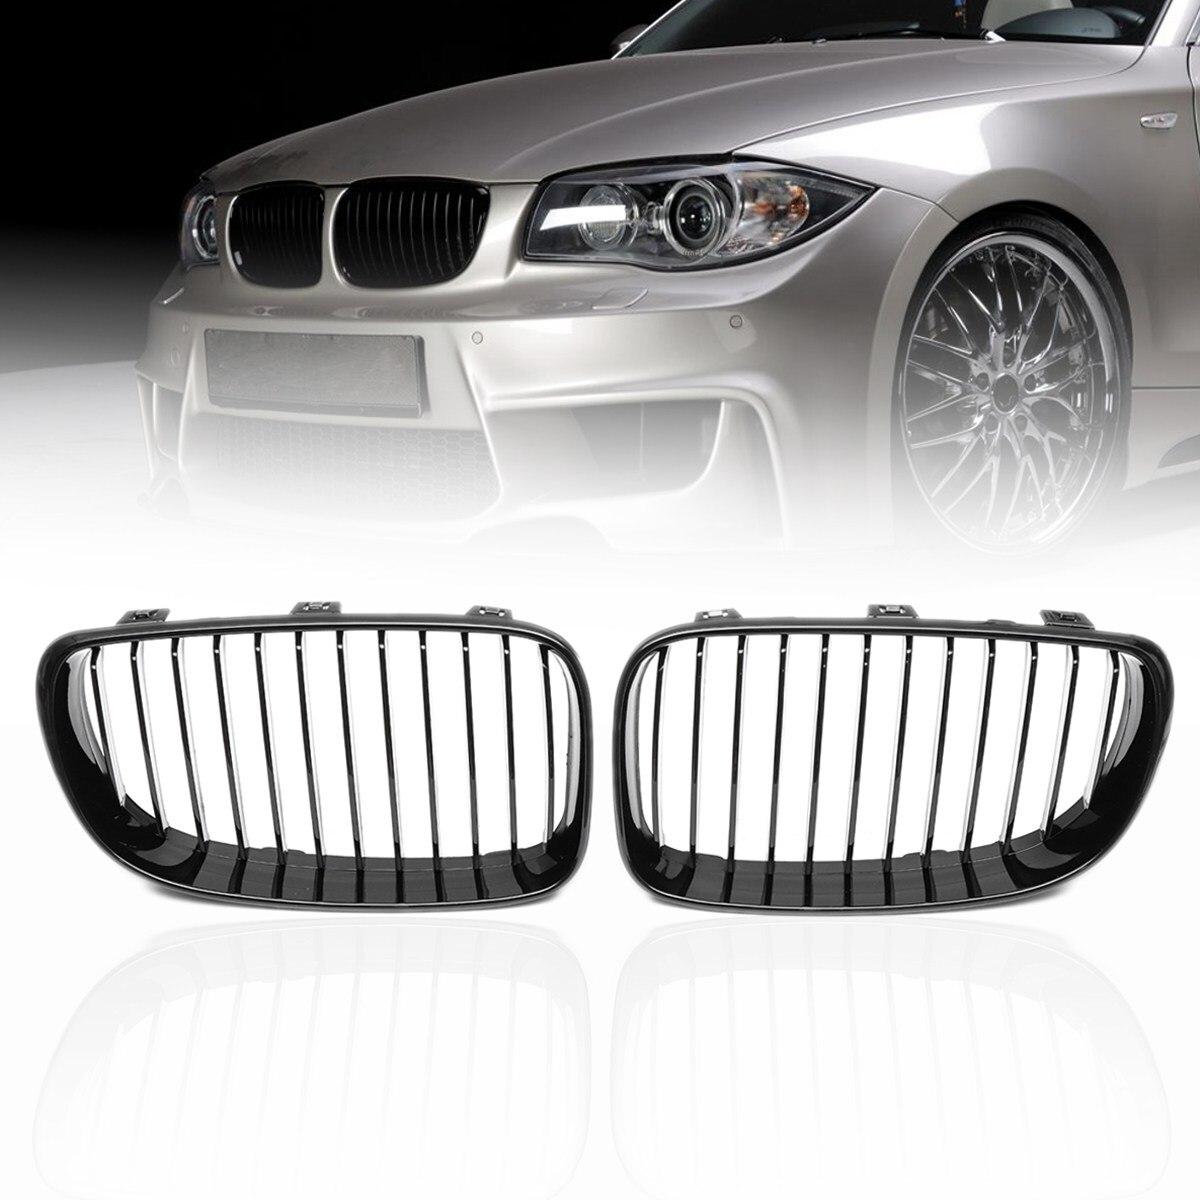 Пара ABS Матовый Черный Глянец M Цвет углерода 2 планки спереди почек решетки для BMW 1 серии E81 E82 E87 e88 2 4d 2007 2008-2012 2013